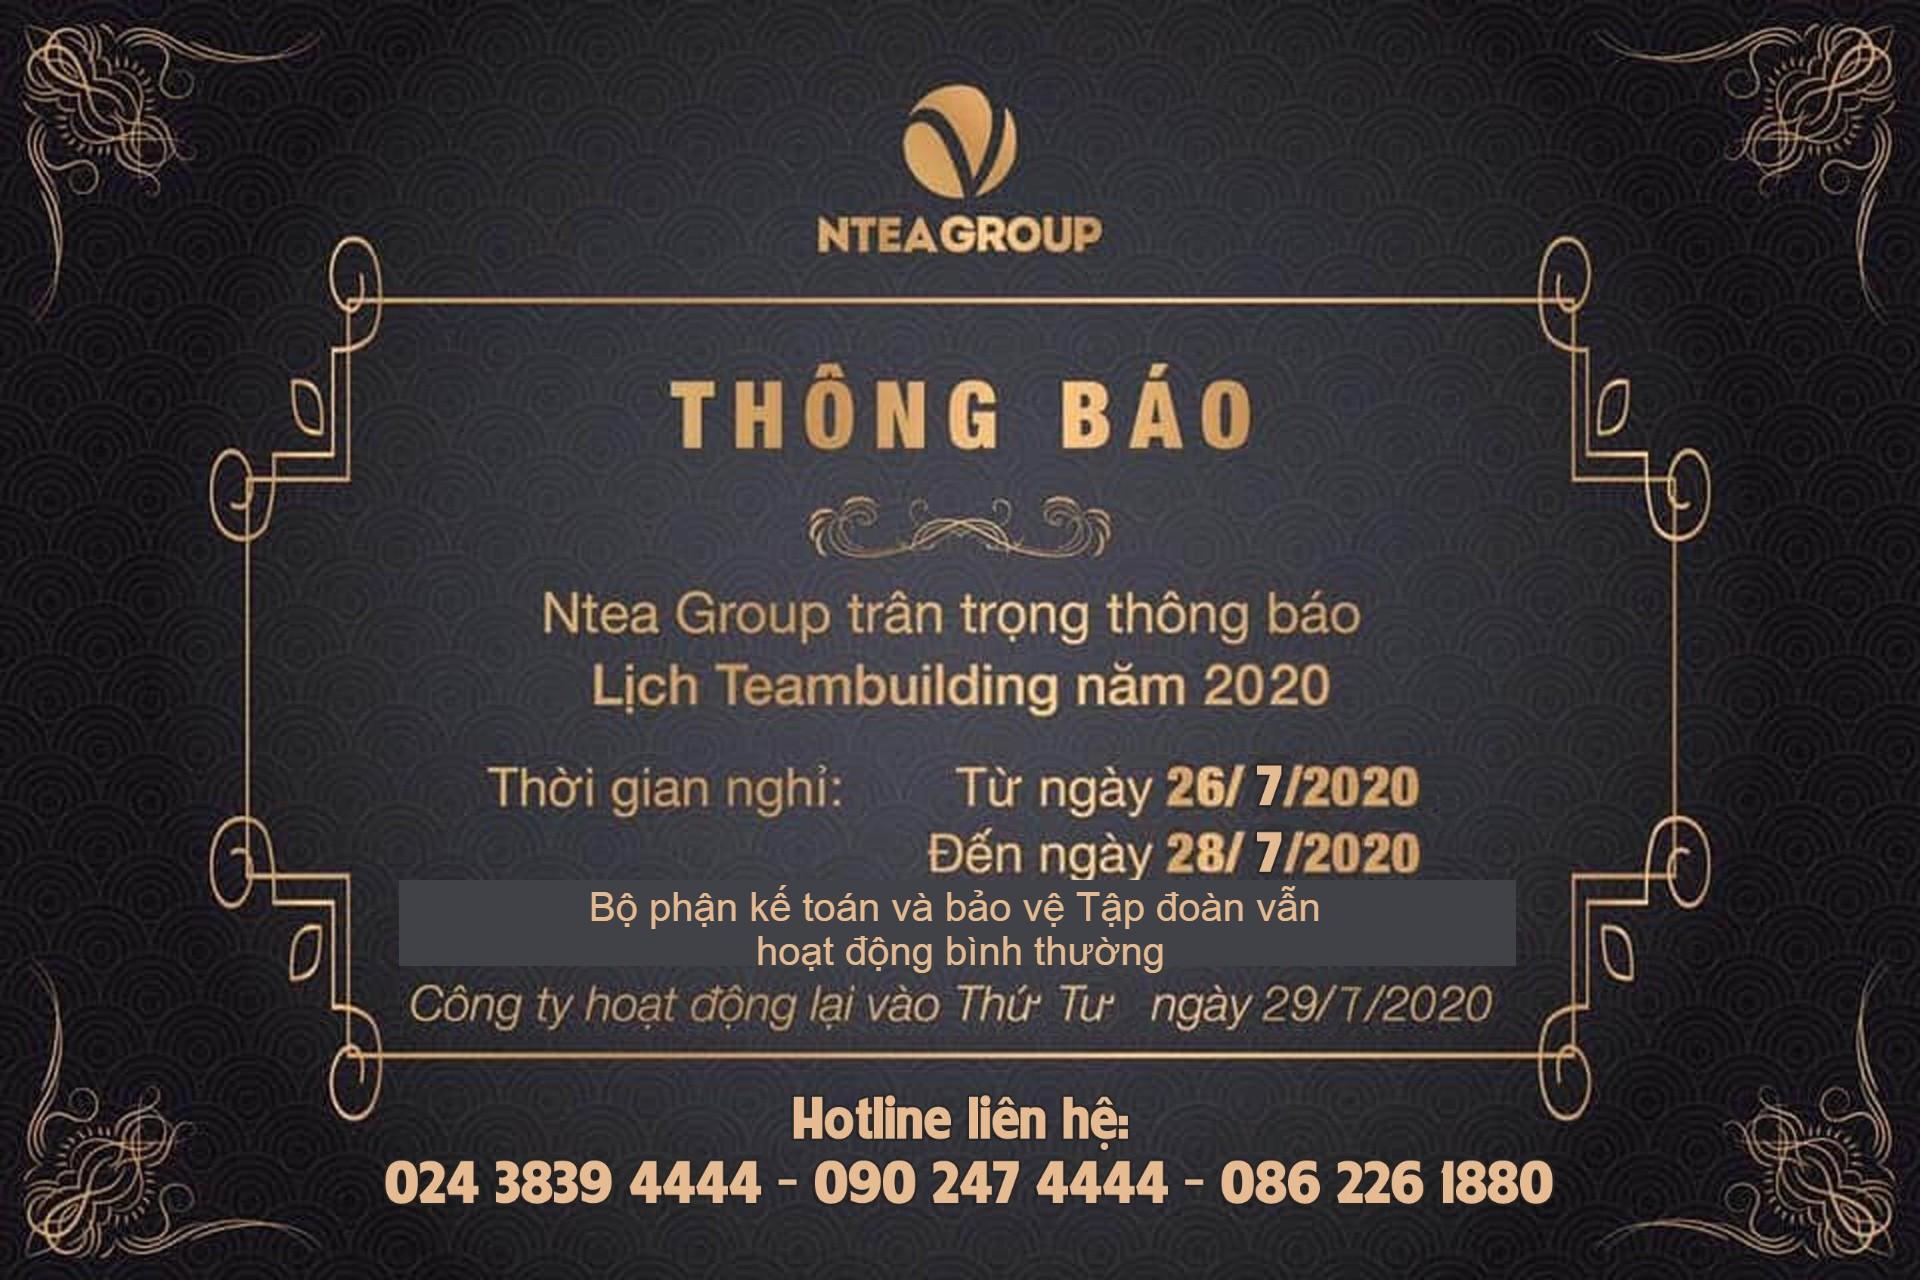 Thông báo chương trình Team building Ntea Group 2020